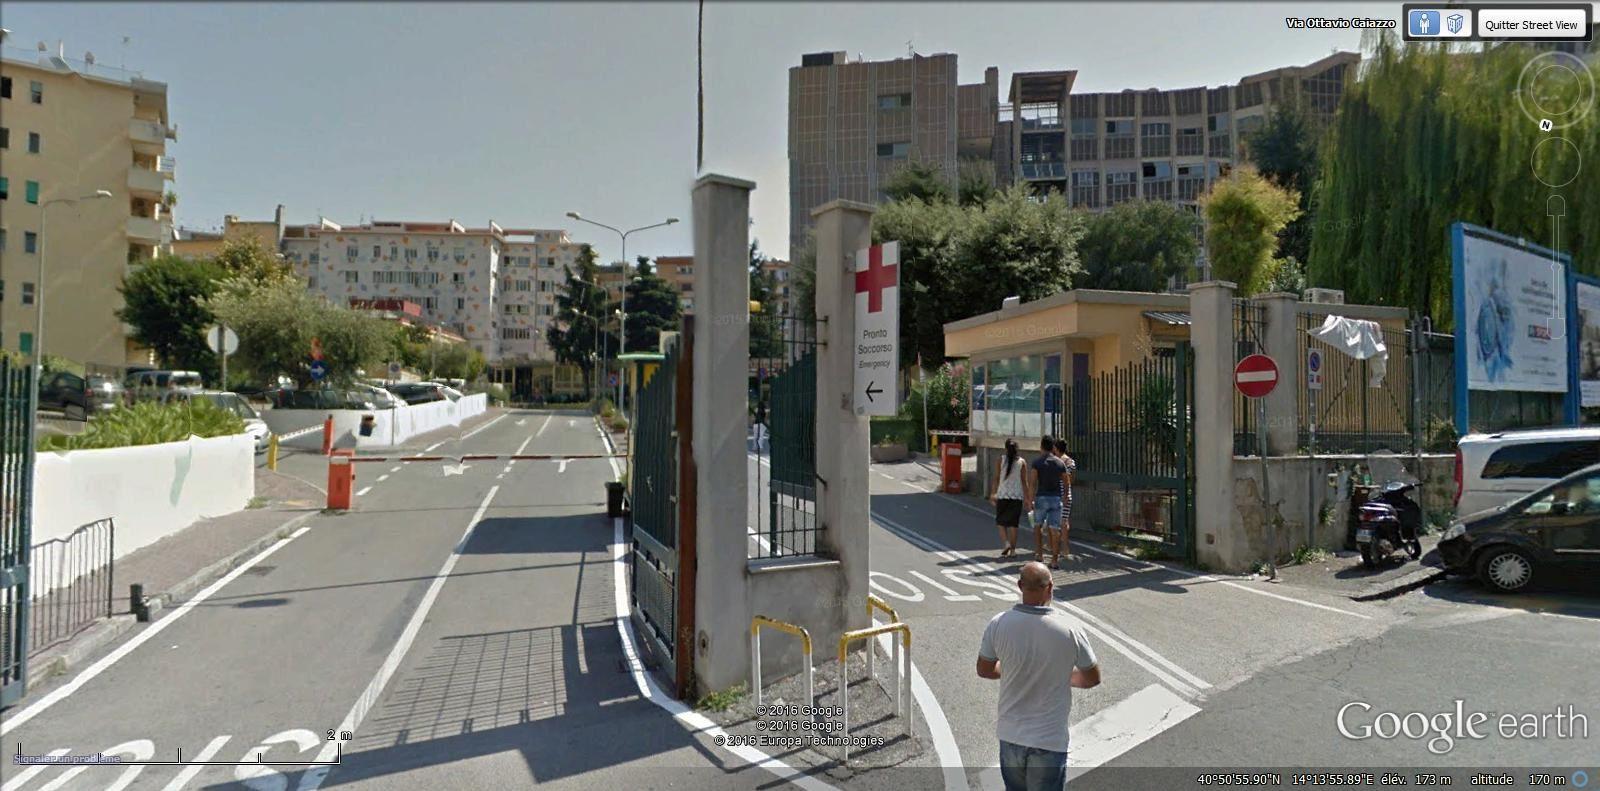 hôpital Santobono